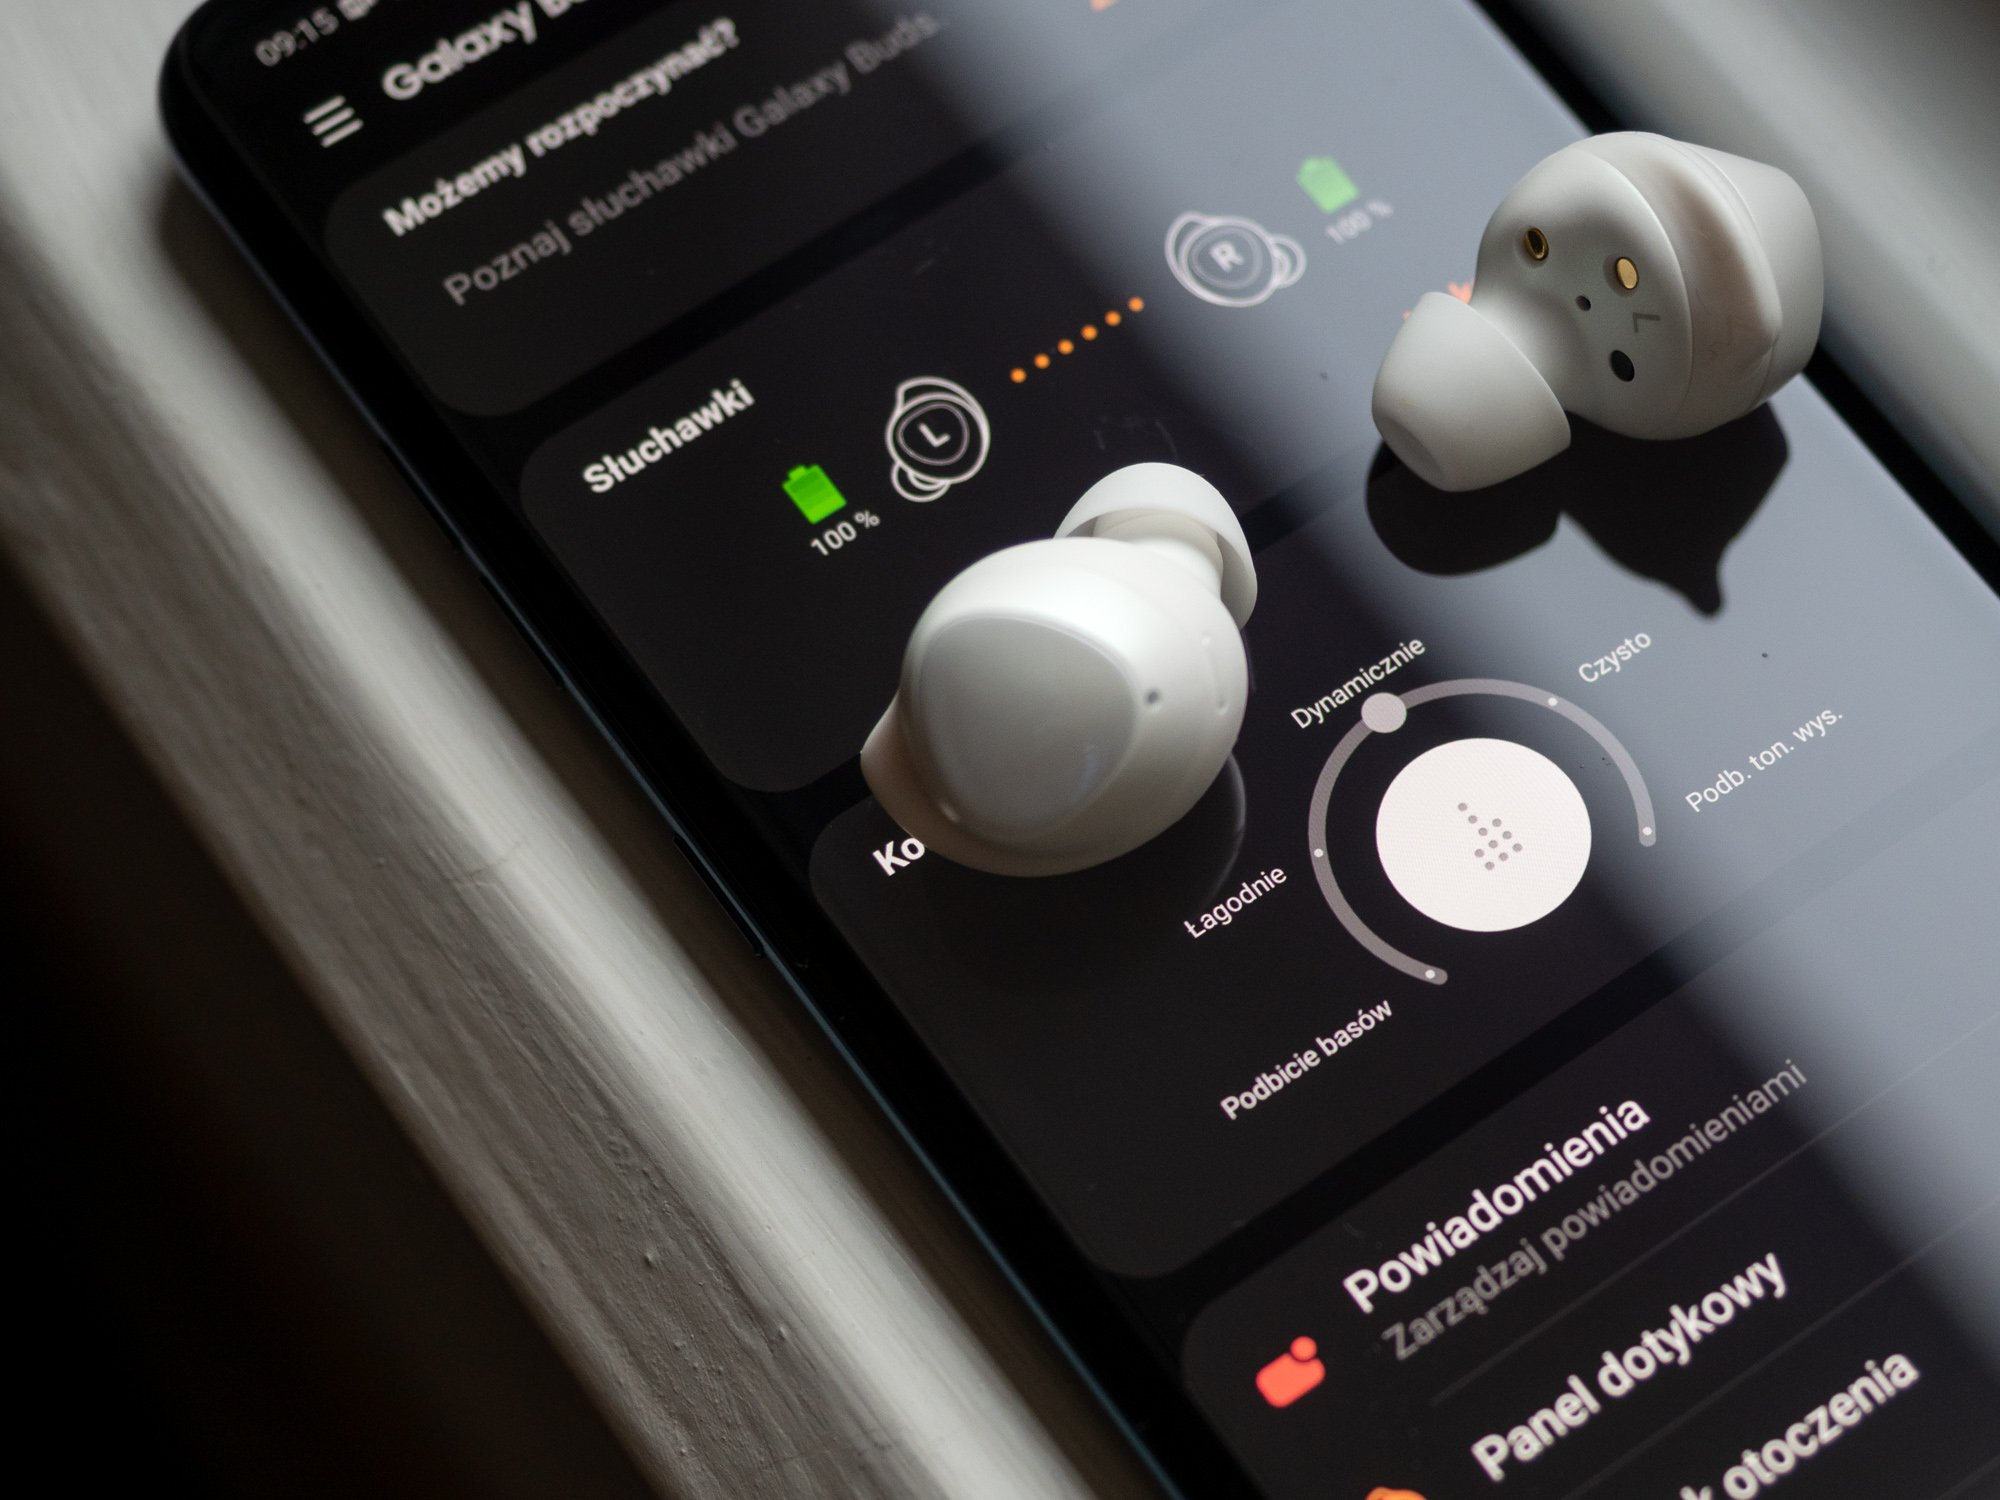 Топ-5 беспроводных наушников, о котоорых мечтает каждый - наушники samsung со смартфоном